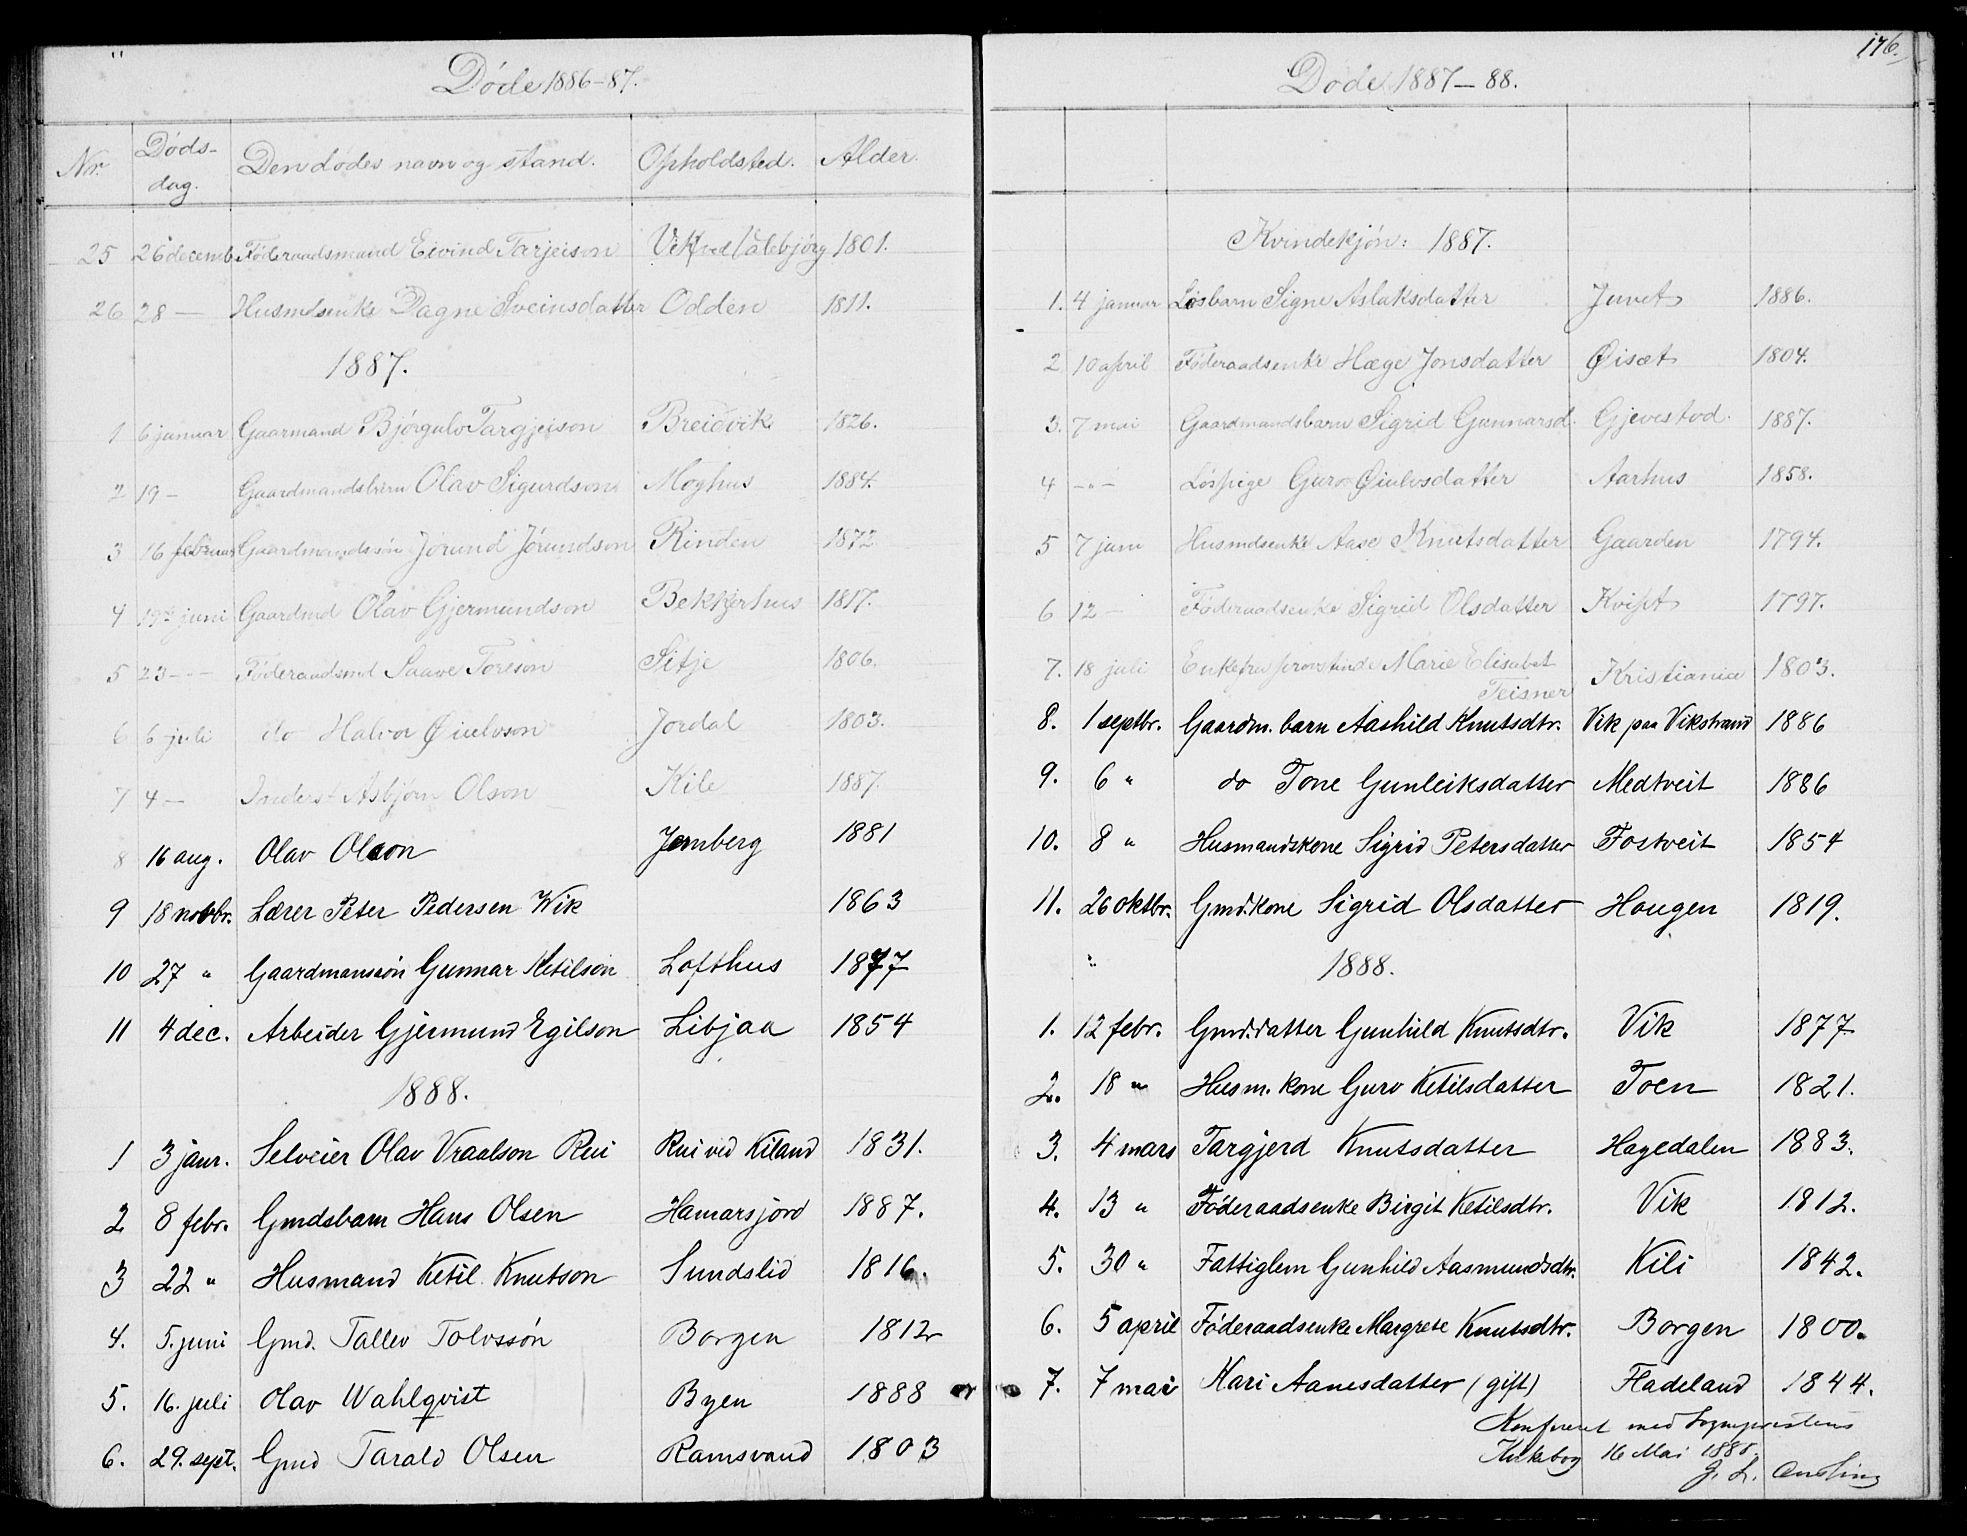 SAKO, Fyresdal kirkebøker, G/Ga/L0004: Klokkerbok nr. I 4, 1864-1892, s. 176